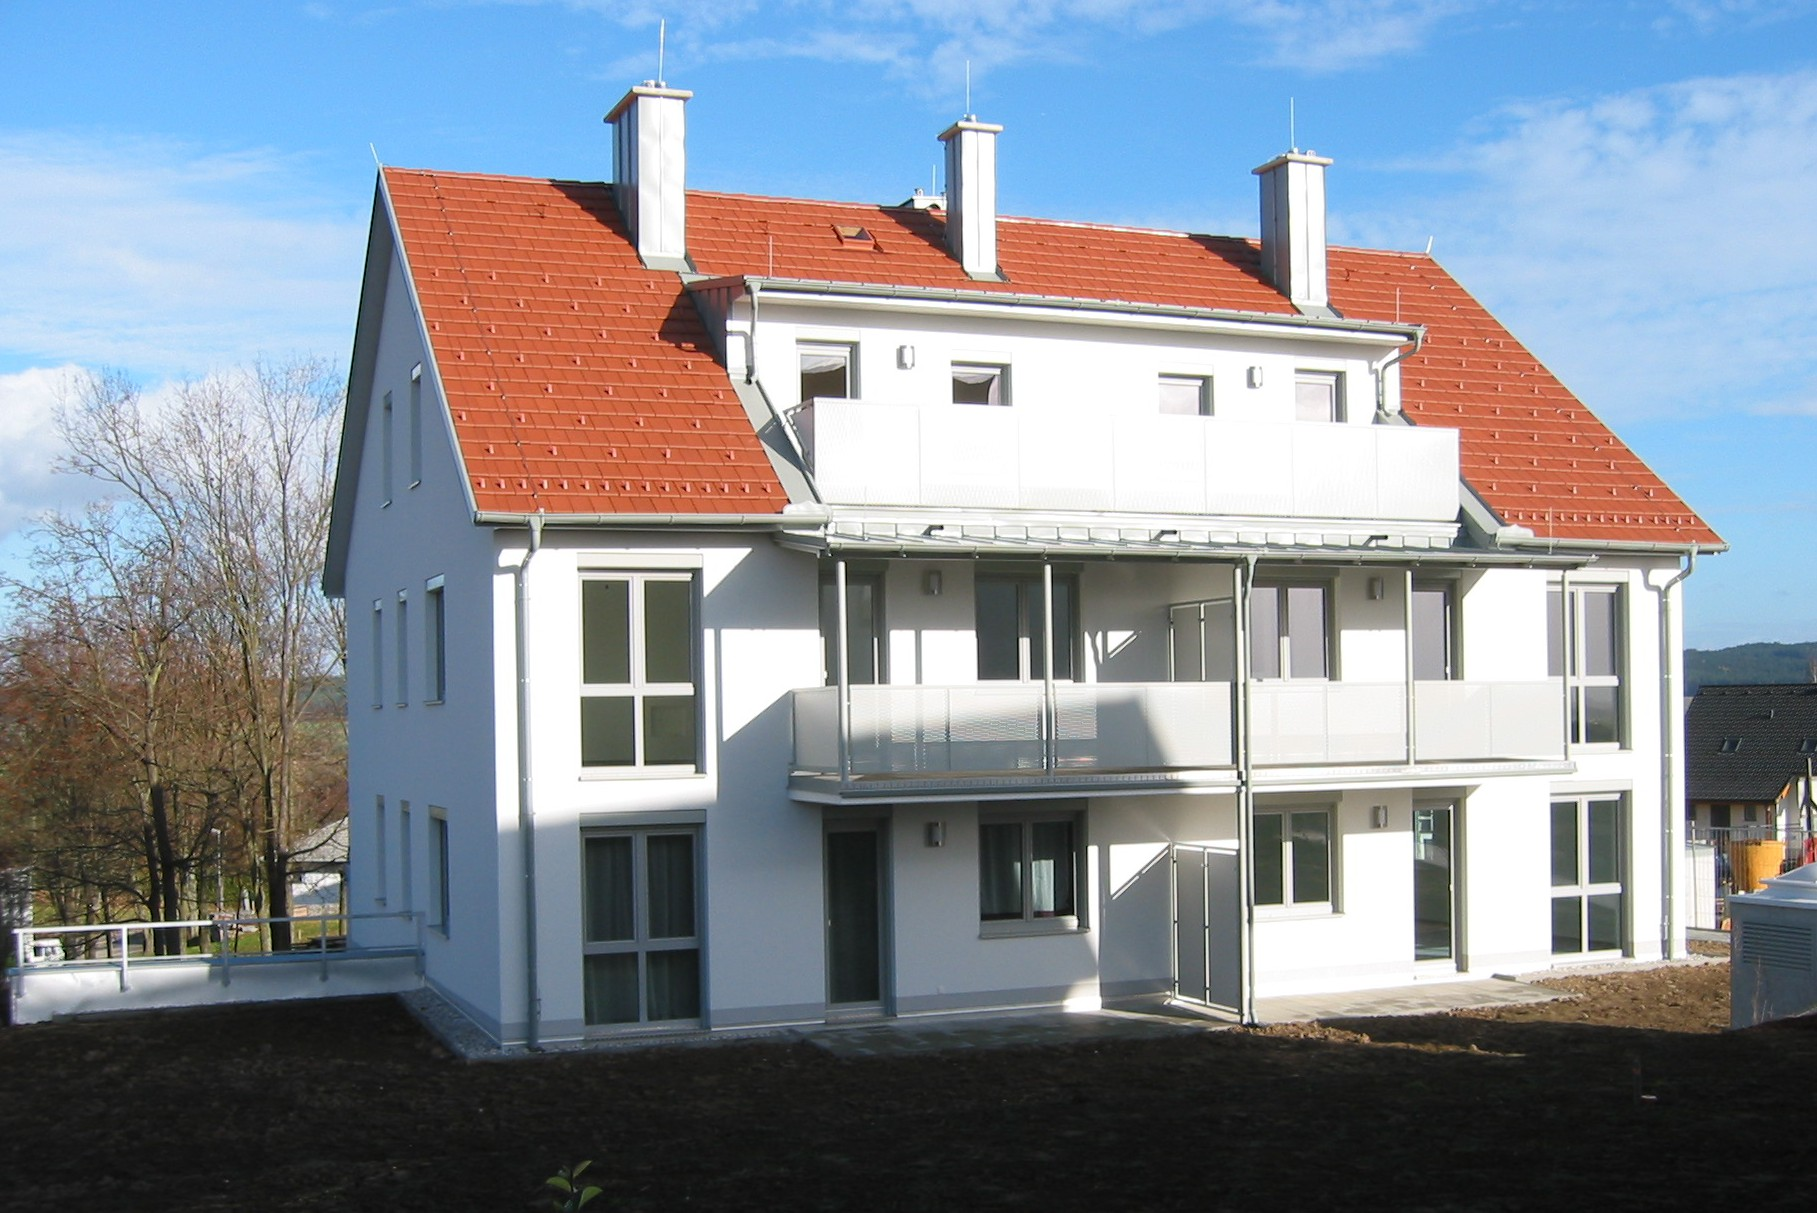 Immobilie von Kamptal in 3842 Thaya, Waidhofen an der Thaya, Thaya II/2 - Top 302